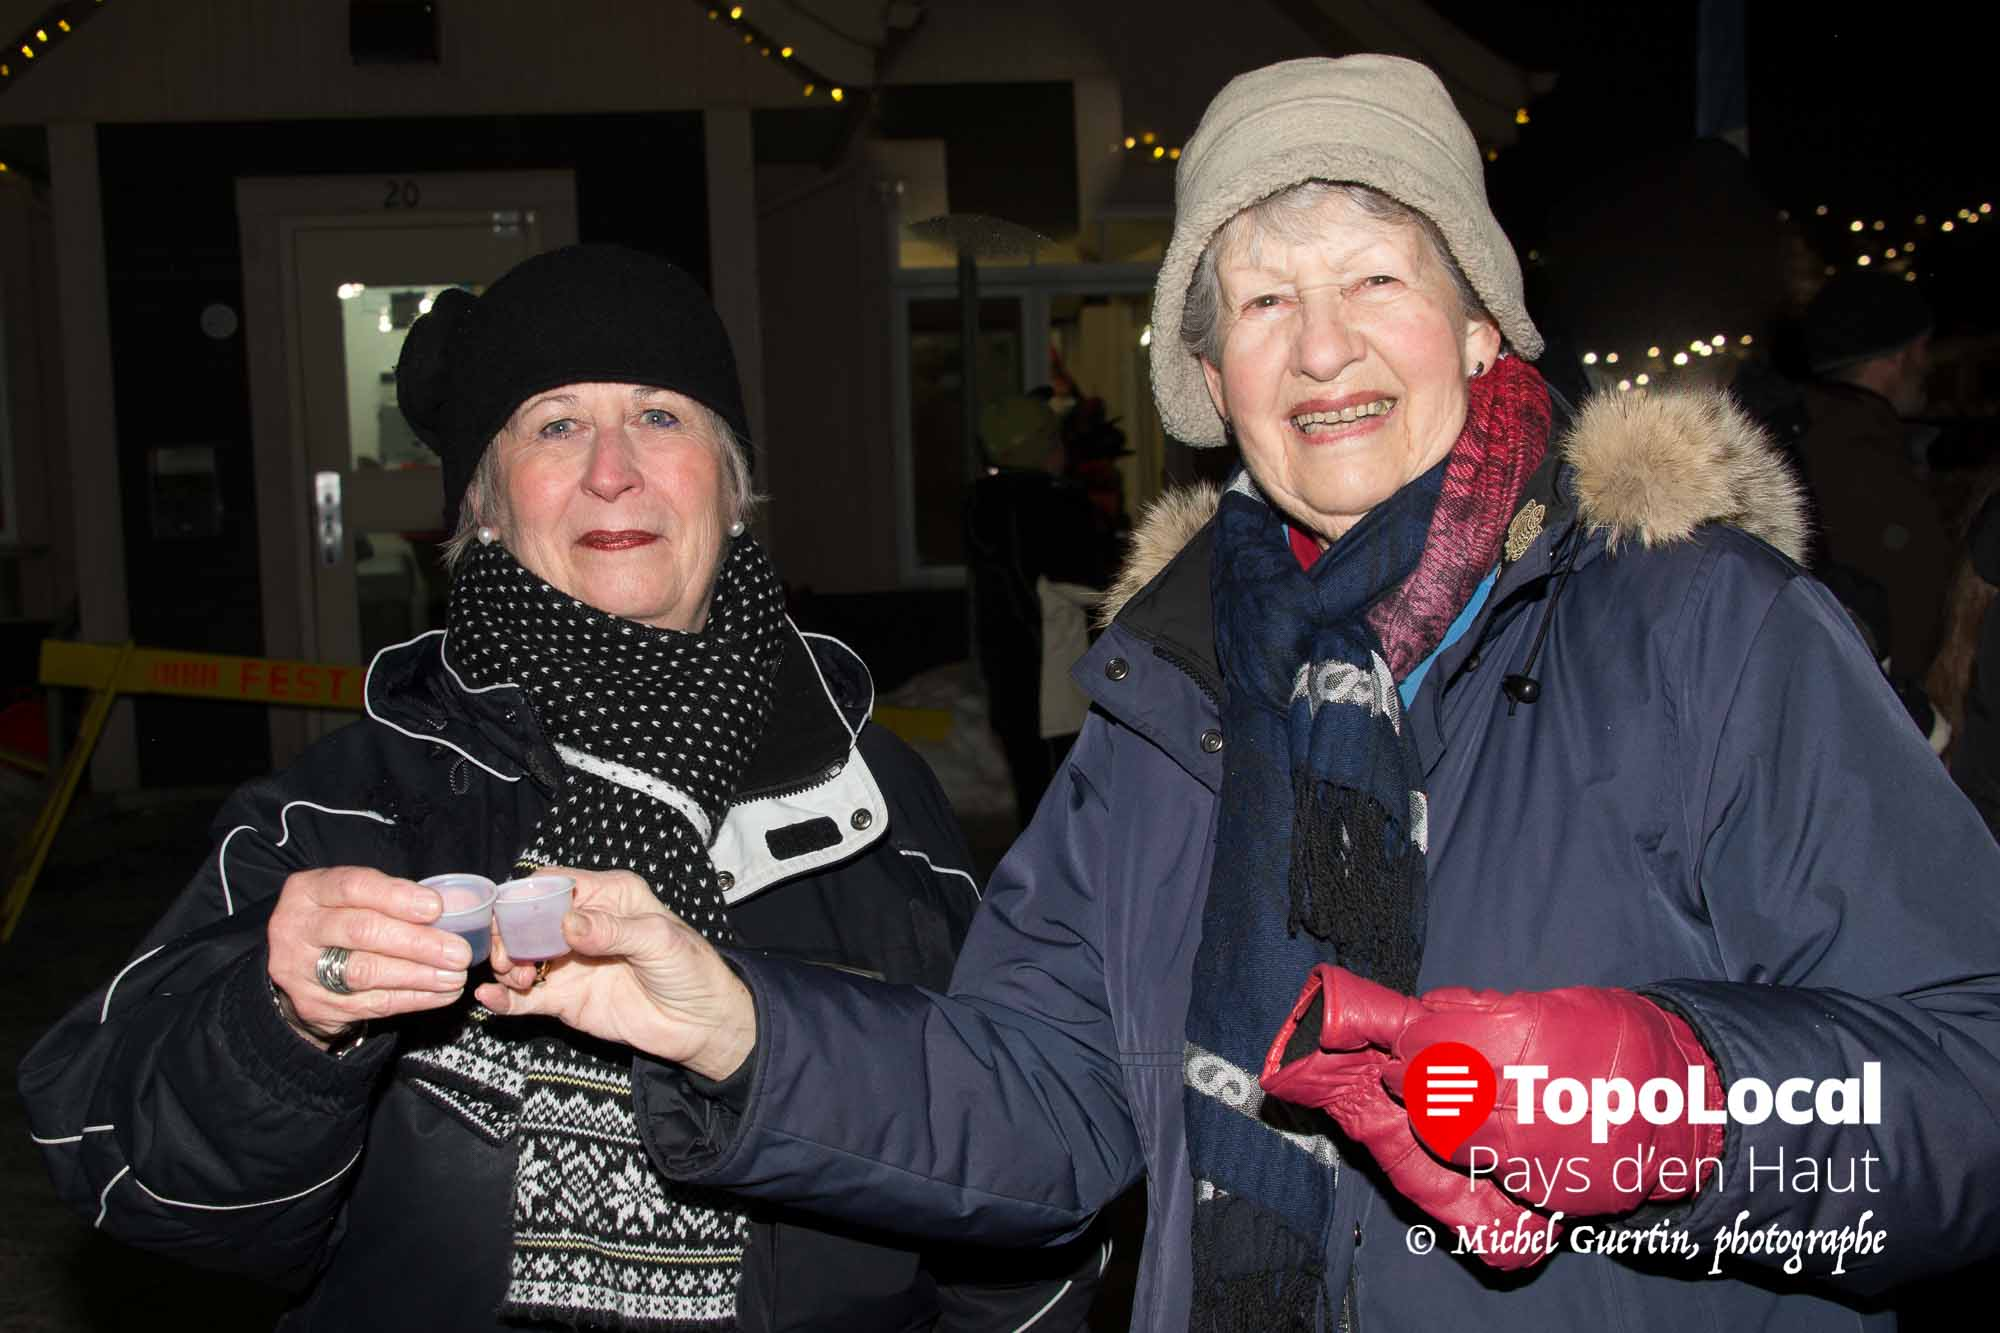 Ginette Gariépy et Andrée Bruyère en ont profité pour trinquer ensemble après le feu d'artifice cloturant la Bordée de Neige à Saint-Sauveur, et déguster le « Caribou du maire »